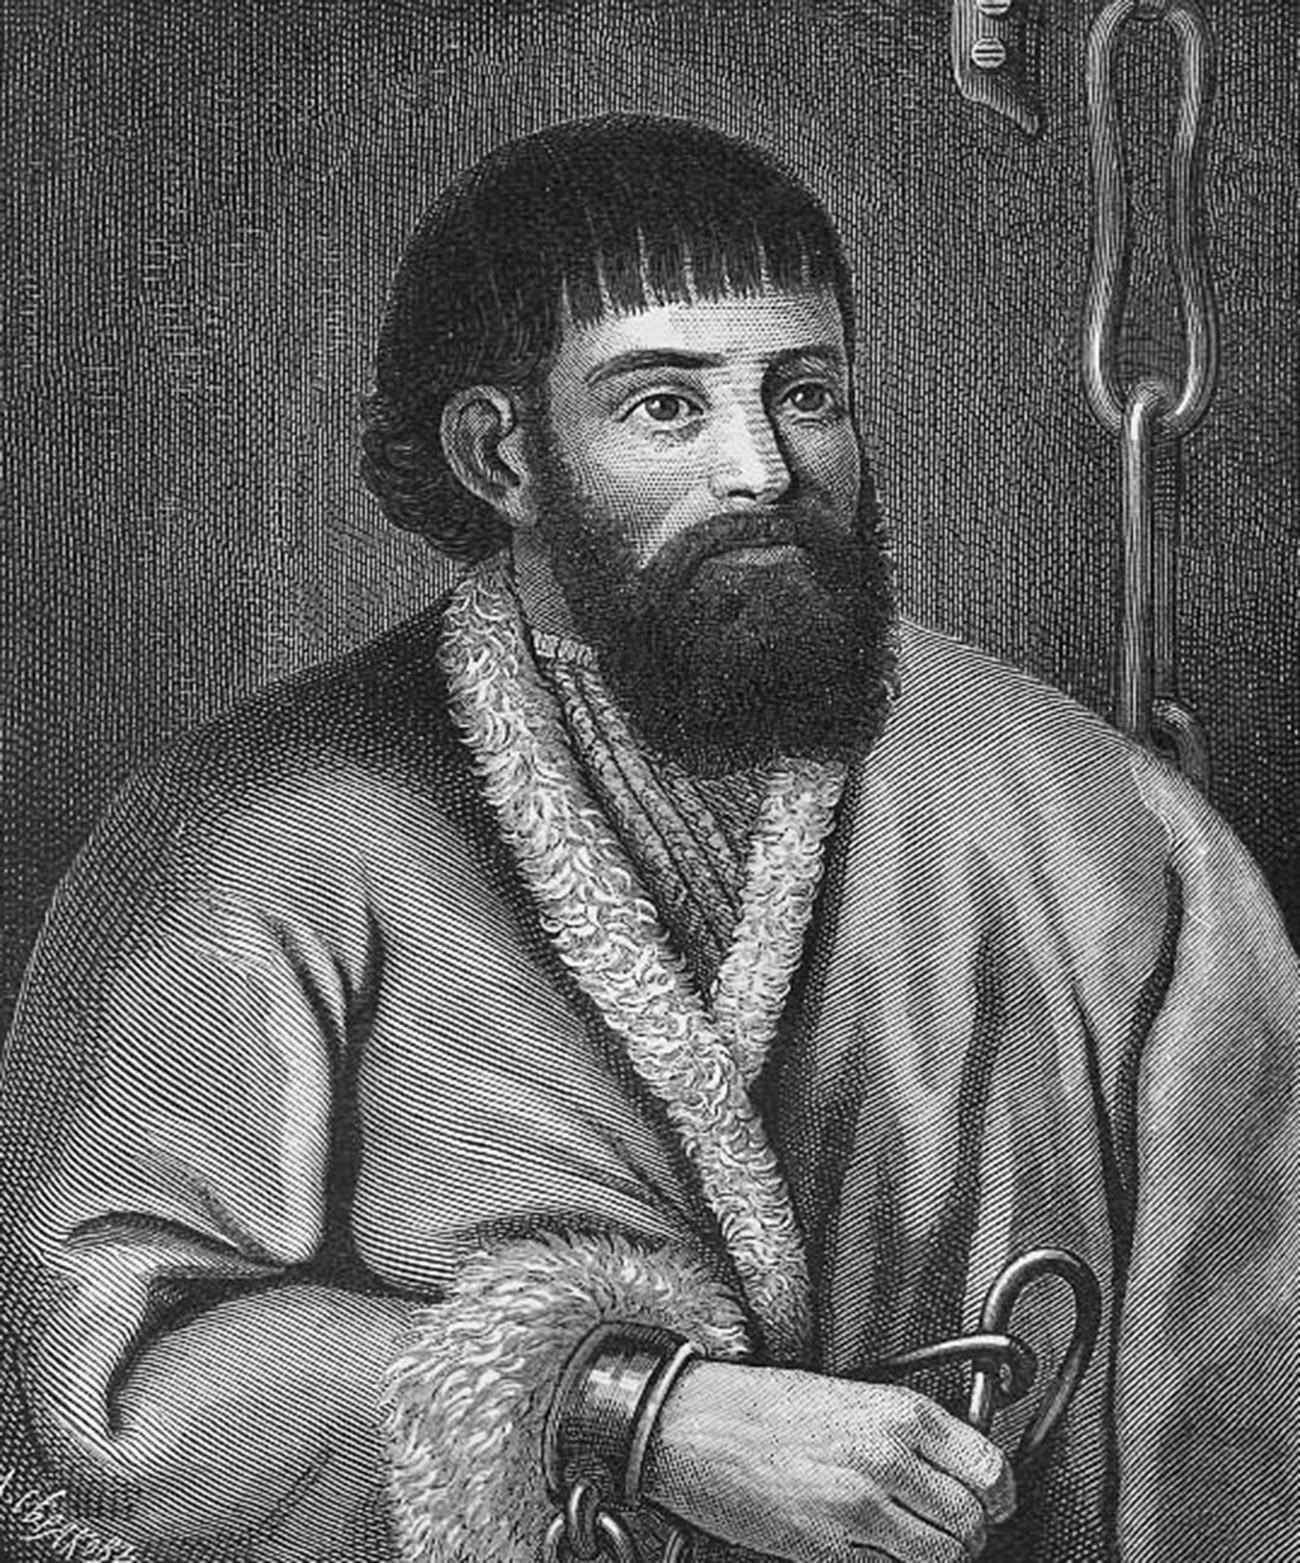 Emelian Pougatchev